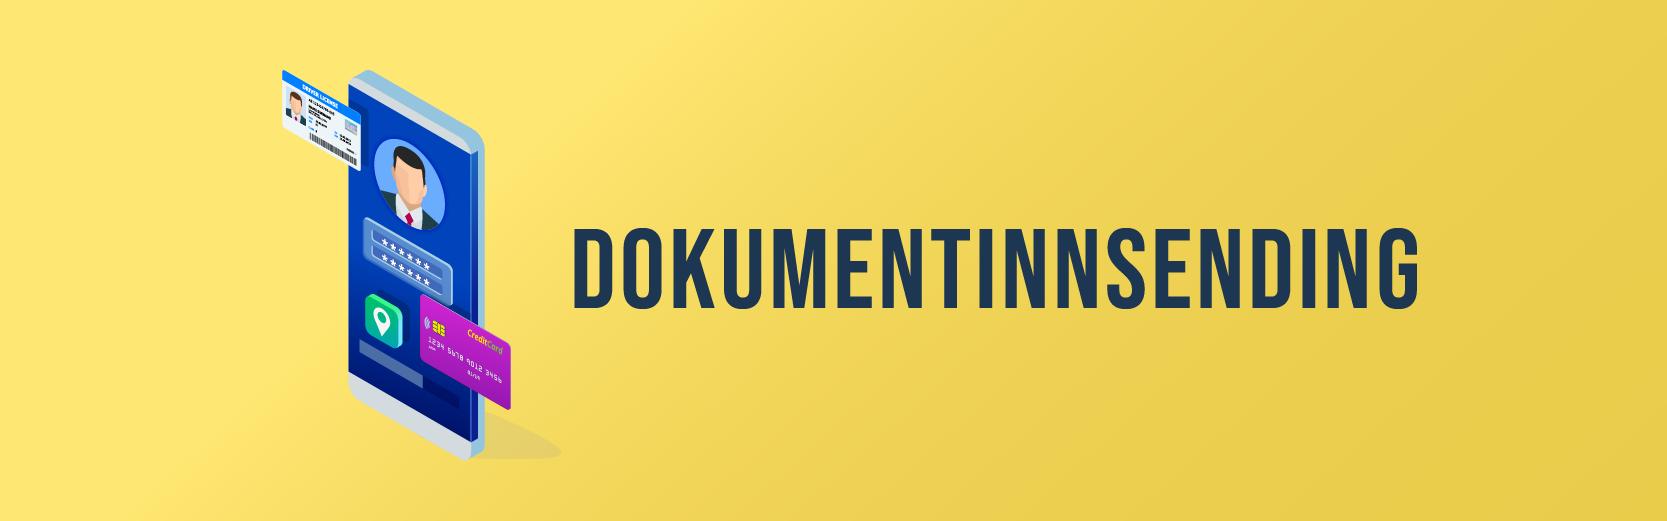 dokumentinnsending casino